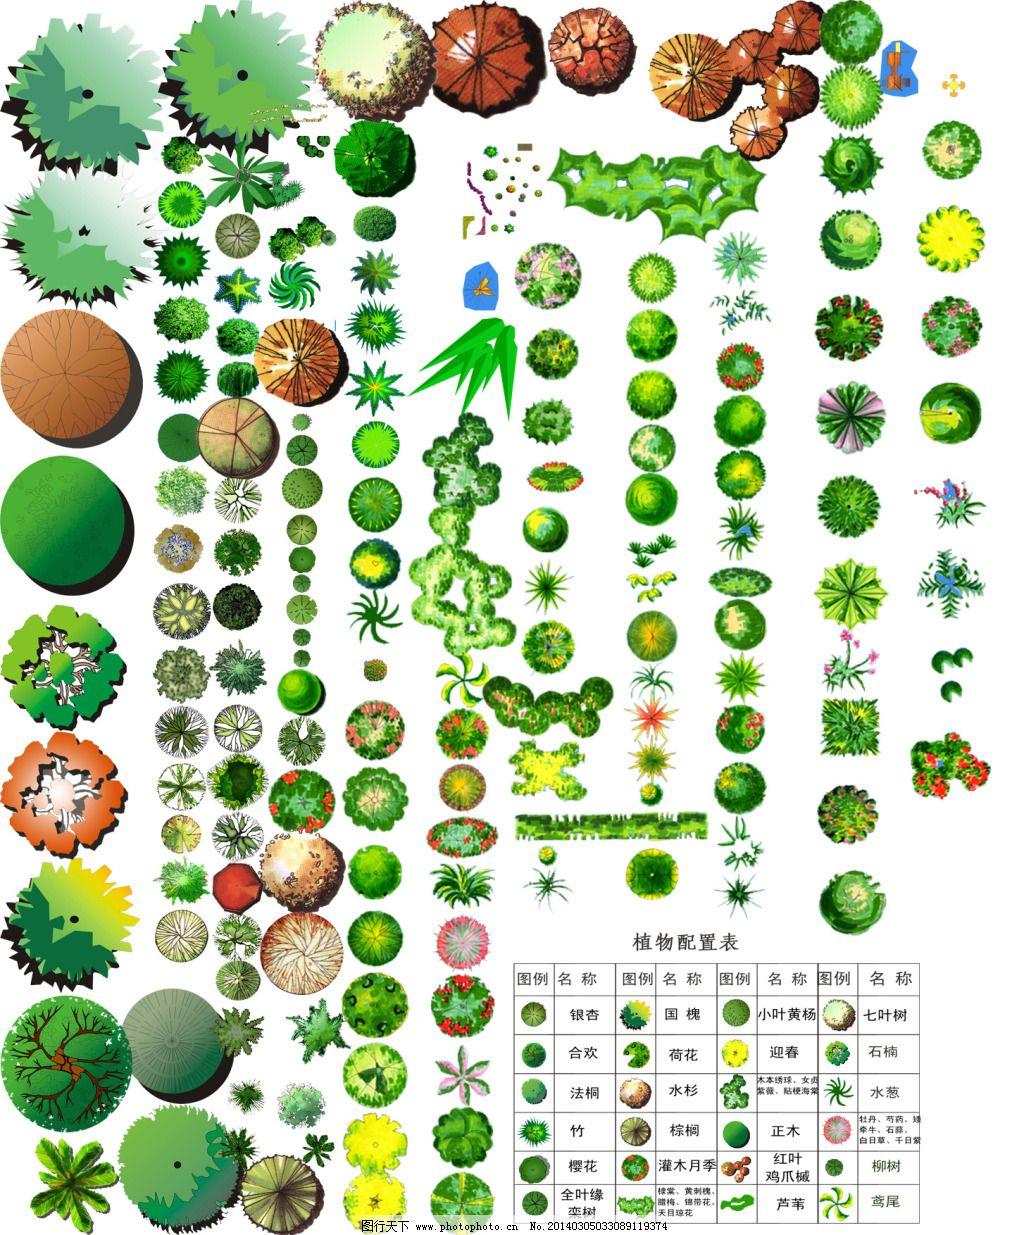 高清素材 植物手绘 植物手绘 平彩图植物素材 高清素材 马克笔植物